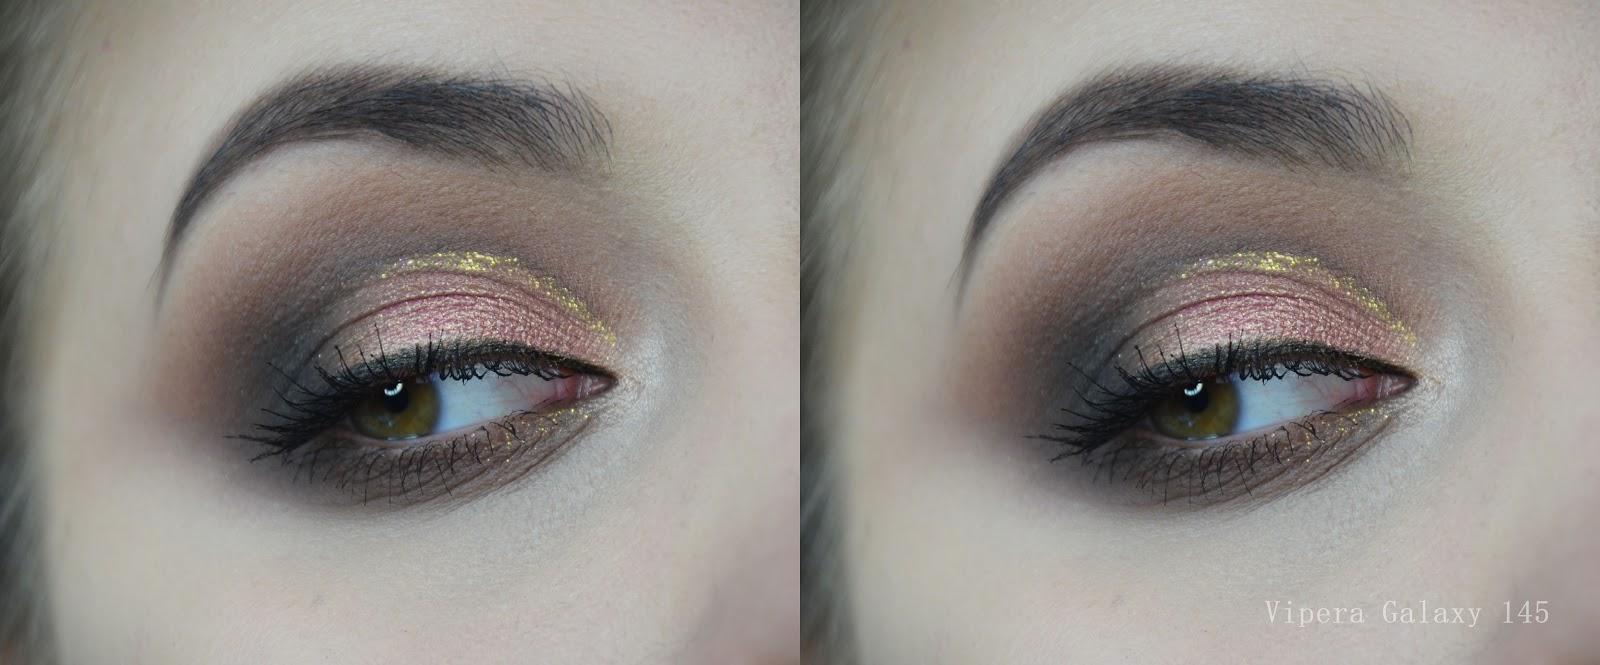 pigment vipera galaxy 145 swatch, makijaż, blog